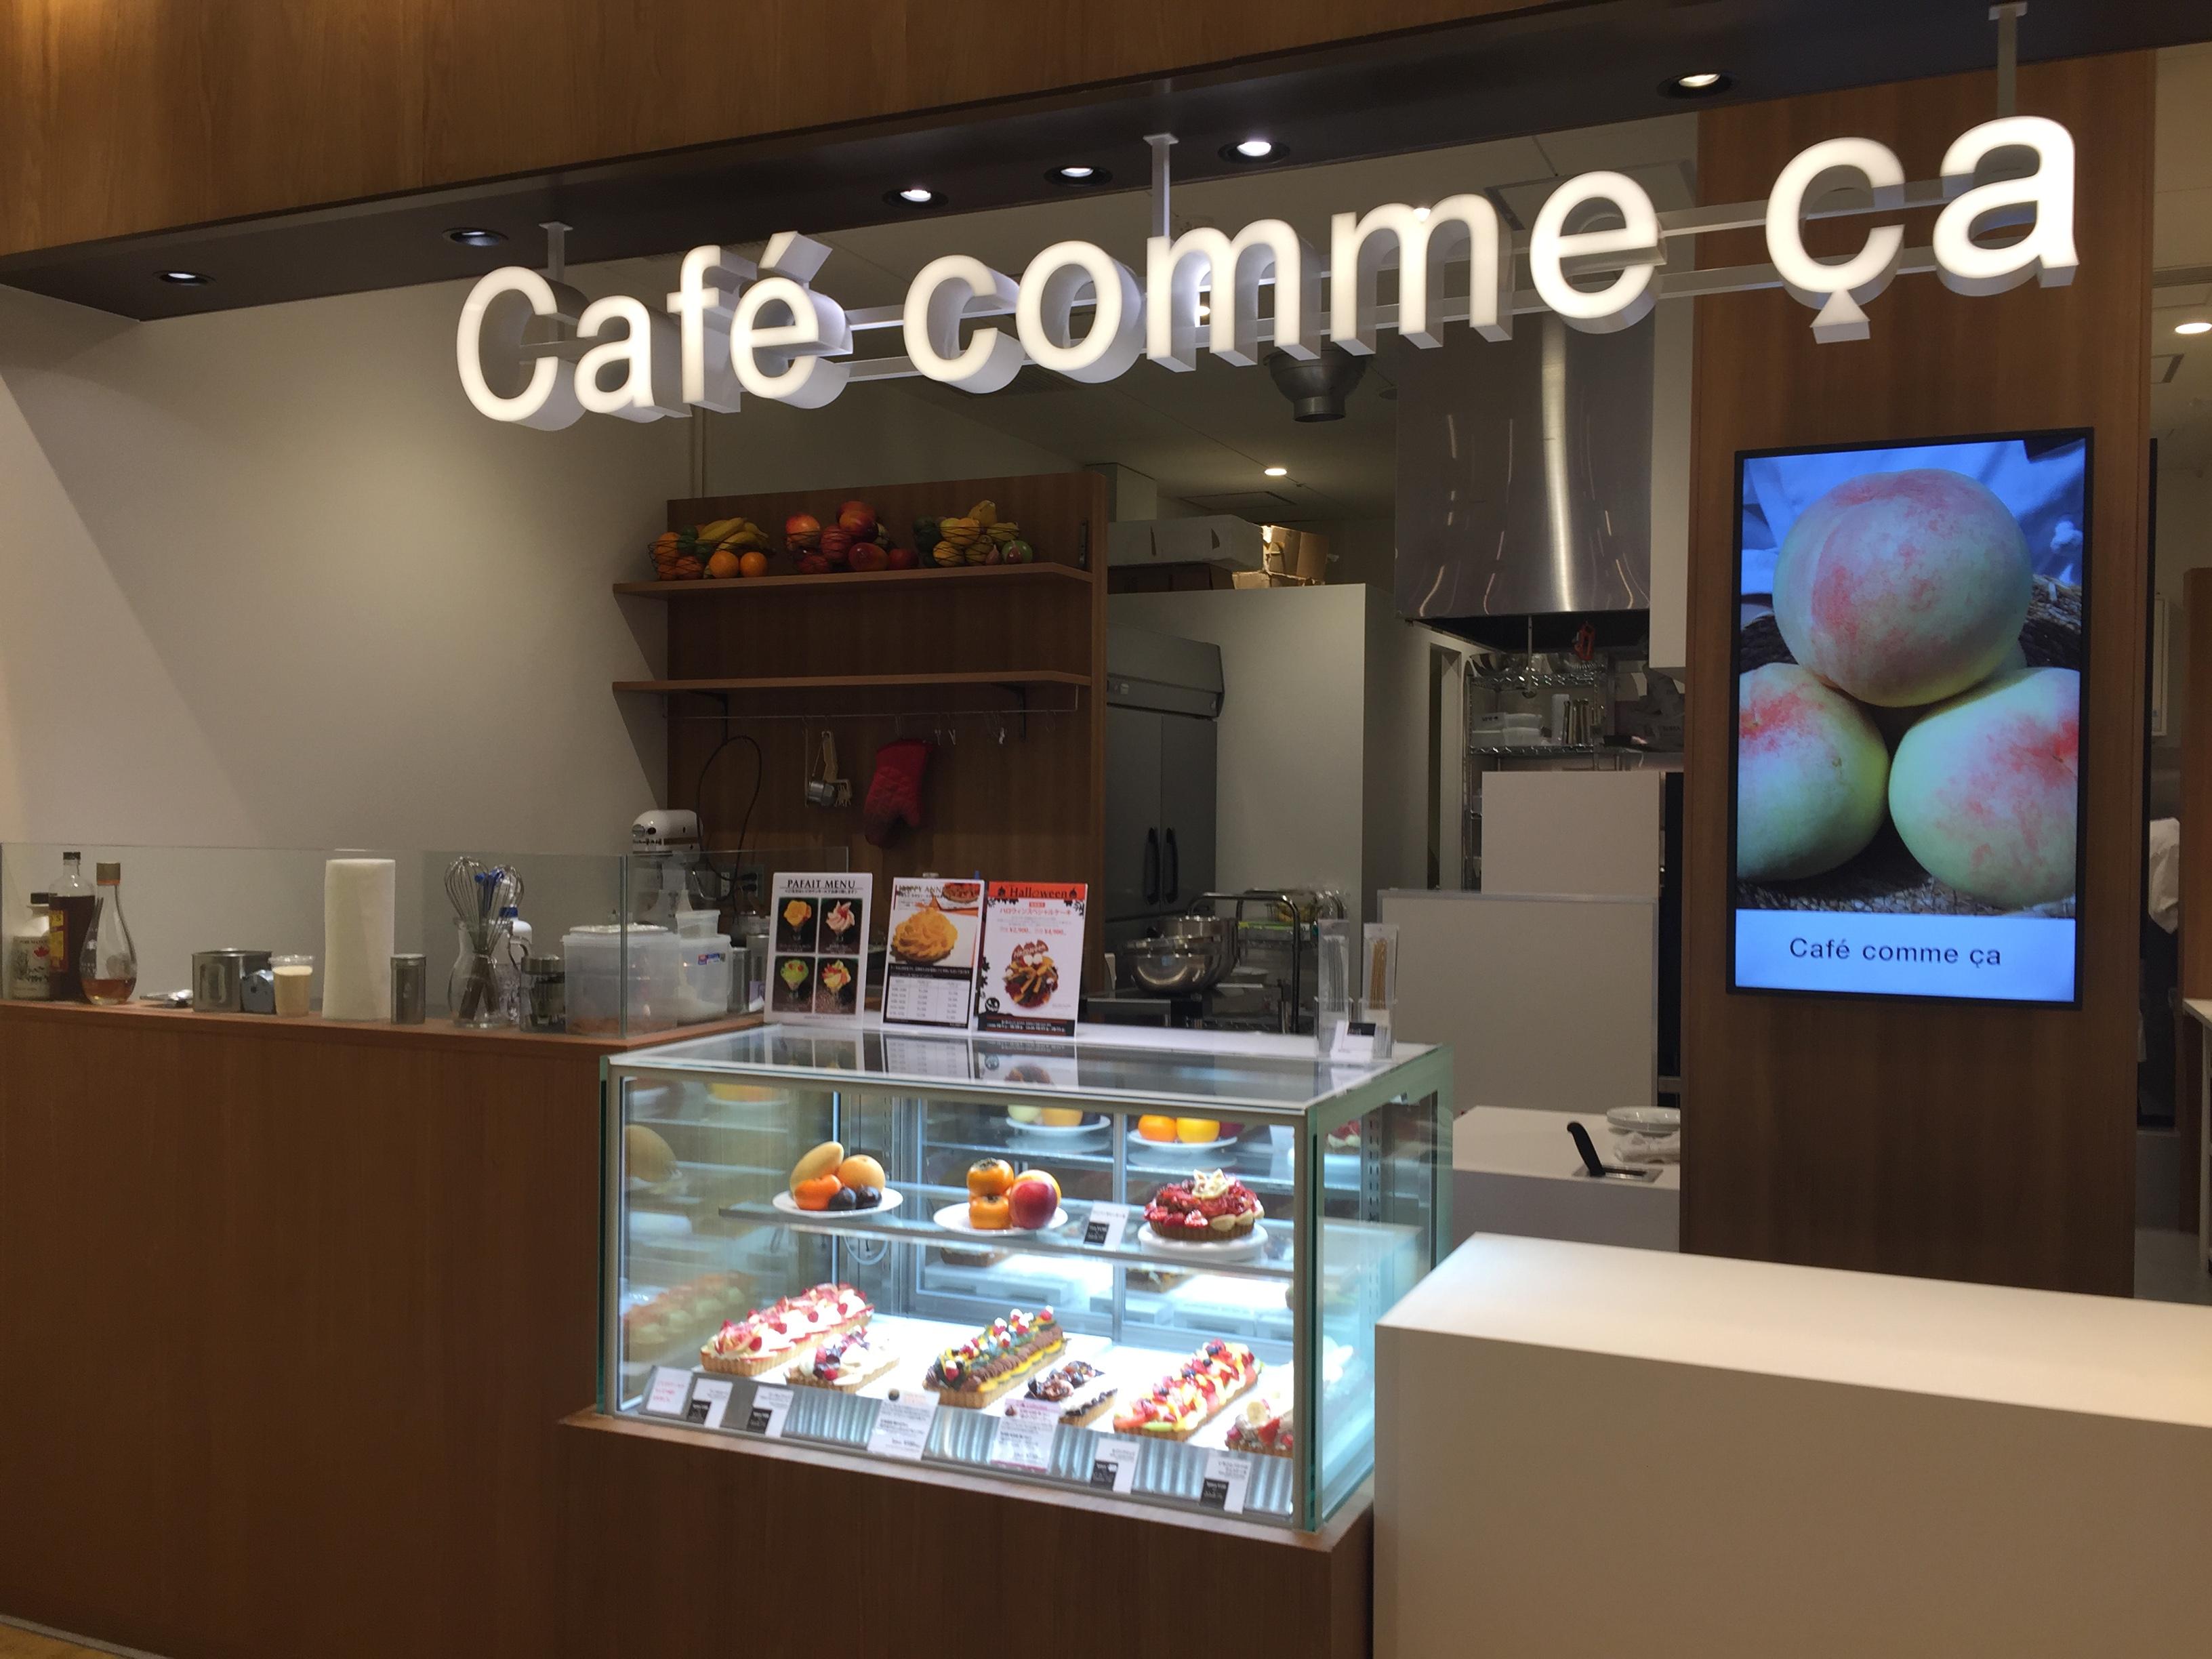 神戸・御影クラッセの「Cafe comme ca(カフェコムサ)」でパスタプレートを味わったよ【※ランチ食レポ※】